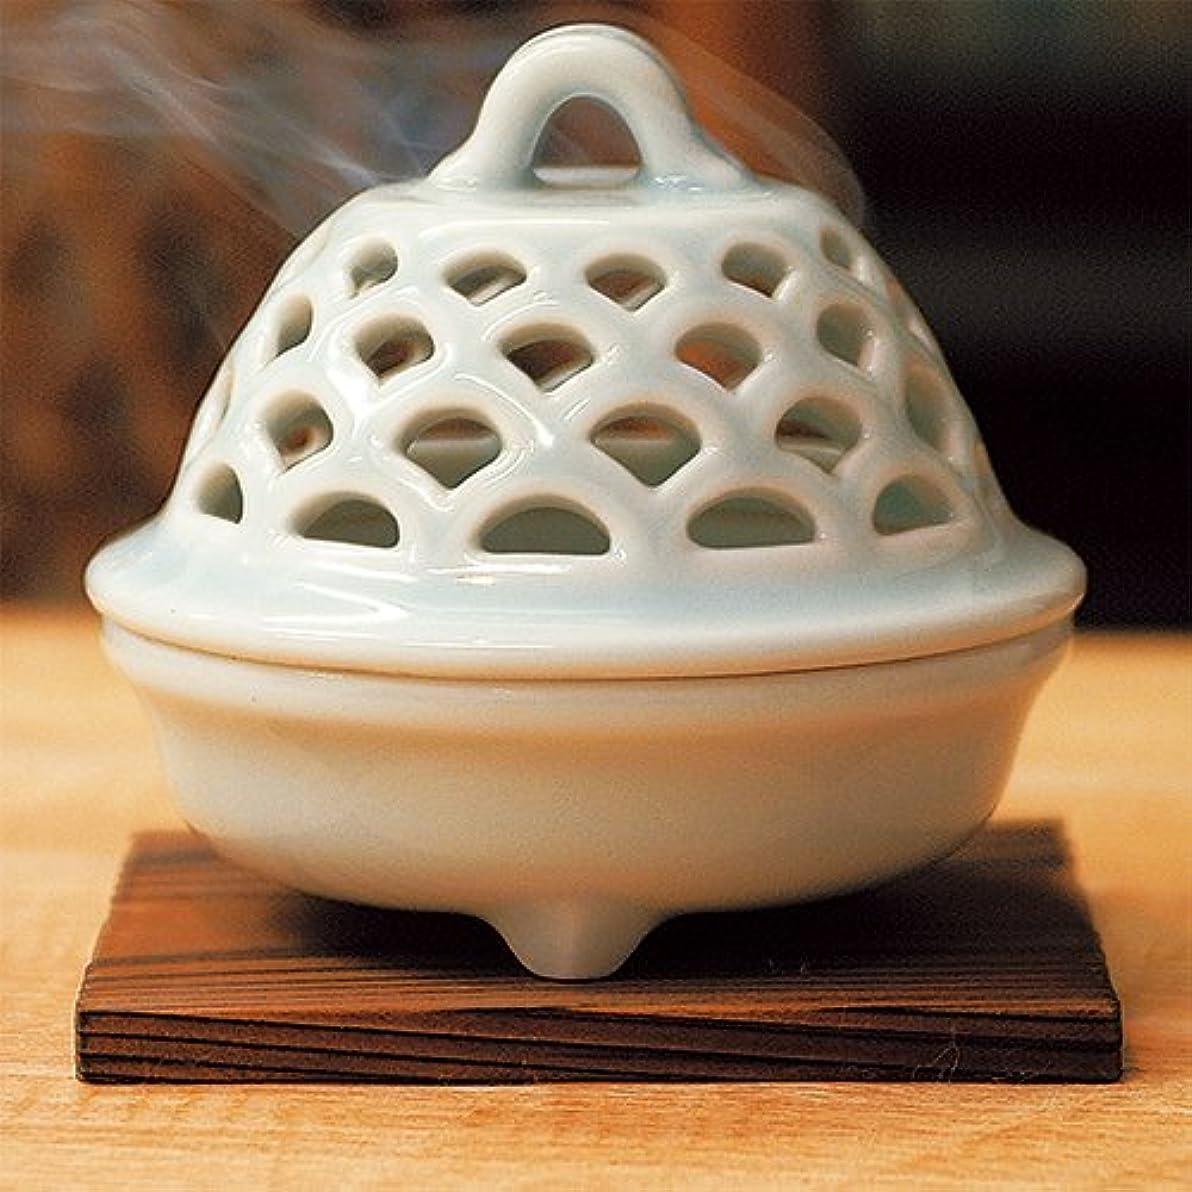 噛むジュラシックパークアクティビティ香炉 青磁 透し彫り 香炉 [R9.5xH9cm] プレゼント ギフト 和食器 かわいい インテリア